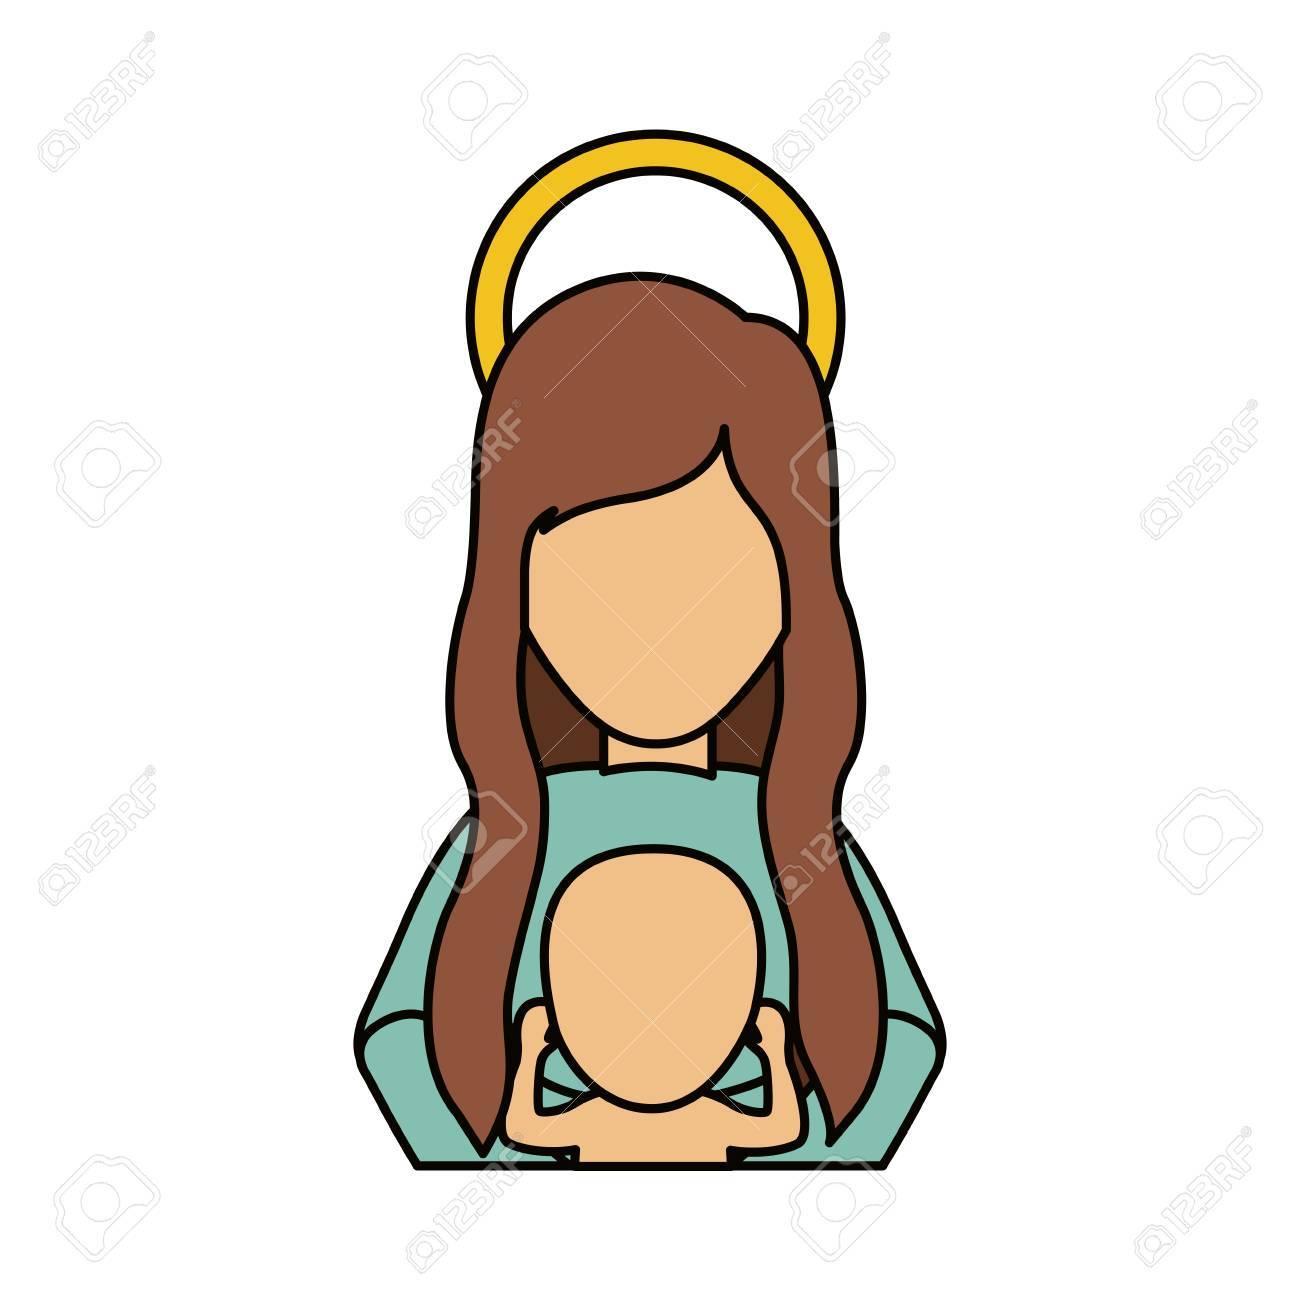 Dibujos De Navidad Con Jesus.Maria Y El Nino Jesus Icono De Dibujos Animados Navidad Noche Santa De La Familia Y El Tema Betlehem Diseno Aislado Ilustracion Vectorial